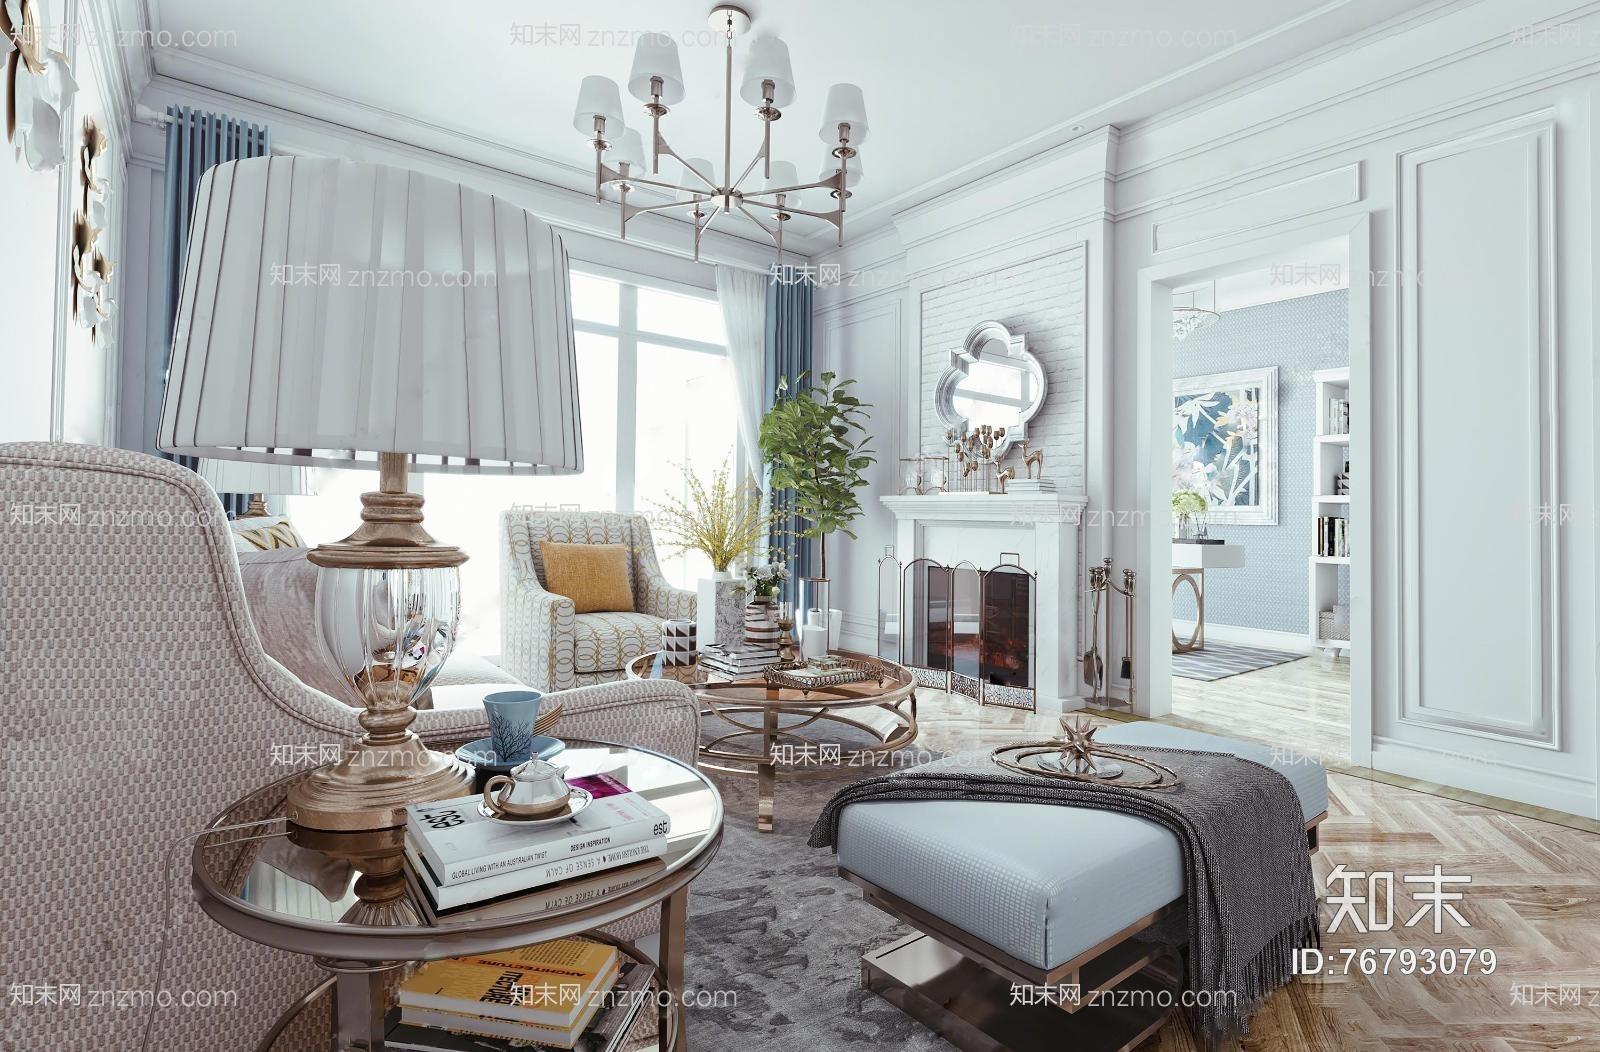 美式客厅 吊灯 台灯 装饰墙 沙发 茶几 装饰柜 摆件 挂画